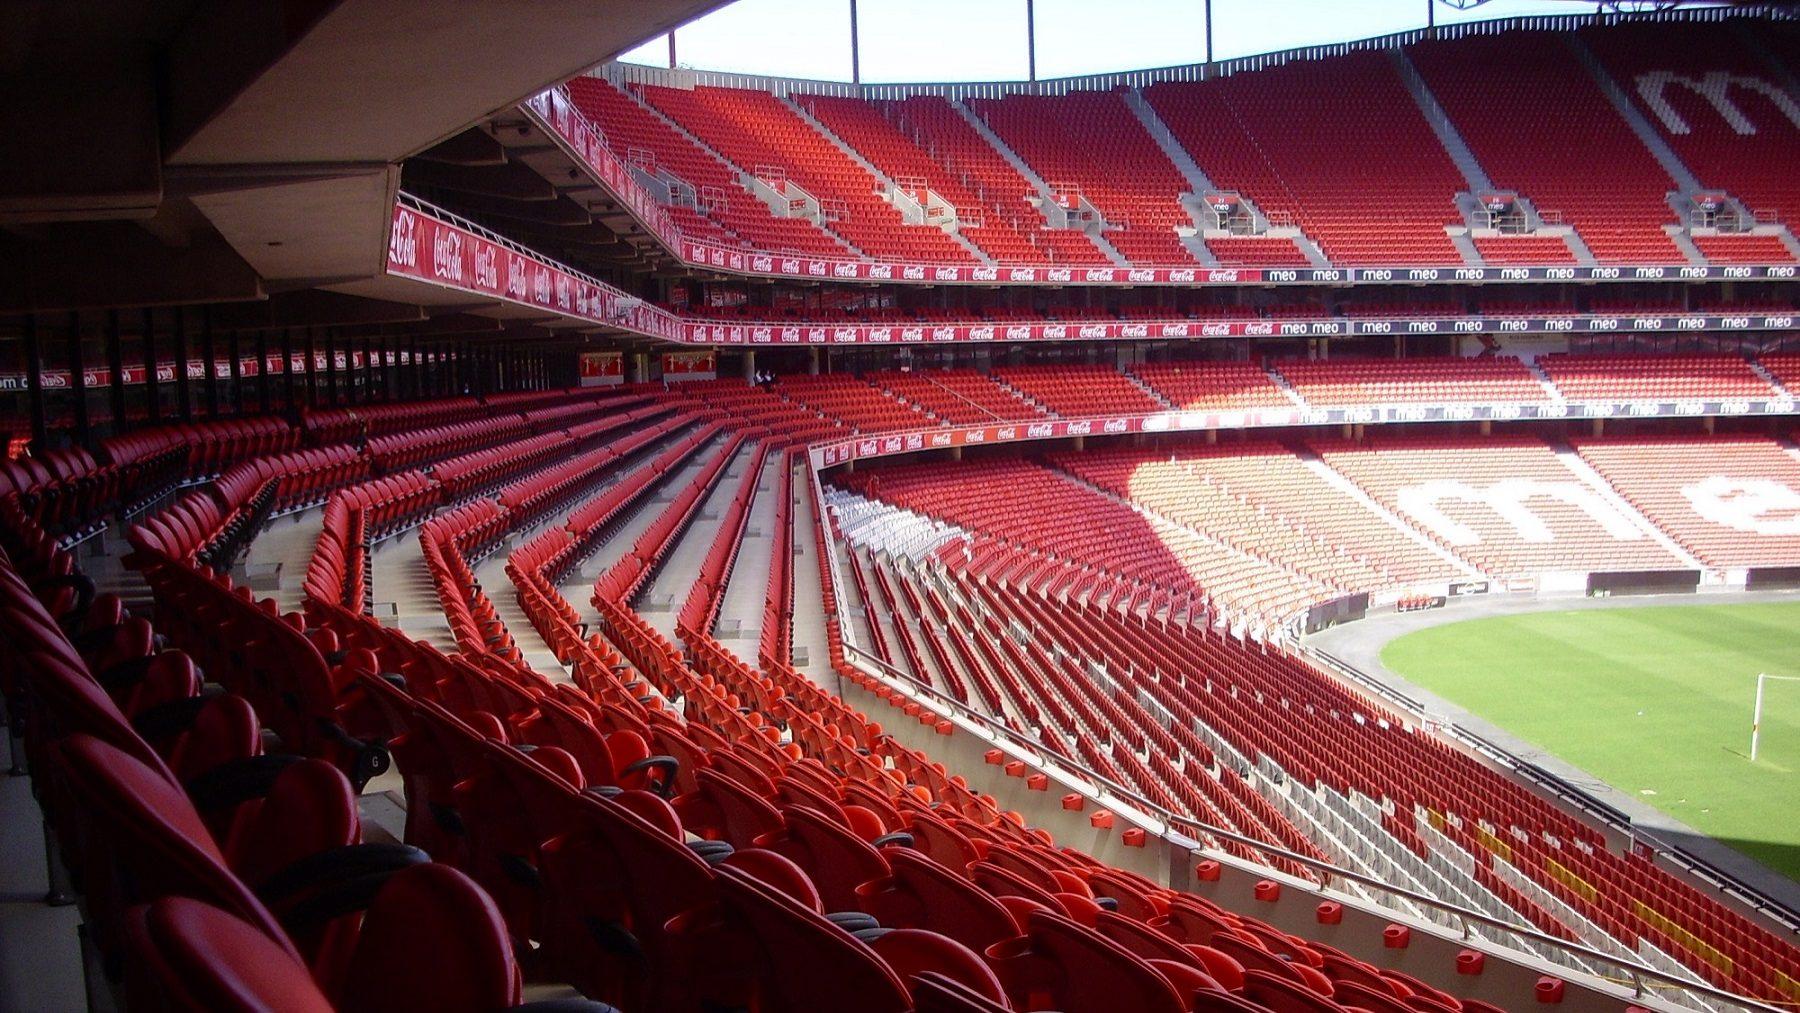 """Benfica capta 45 milhões com obrigações. Crise no Sporting foi """"fator perturbador"""" da emissão, diz Soares de Oliveira"""